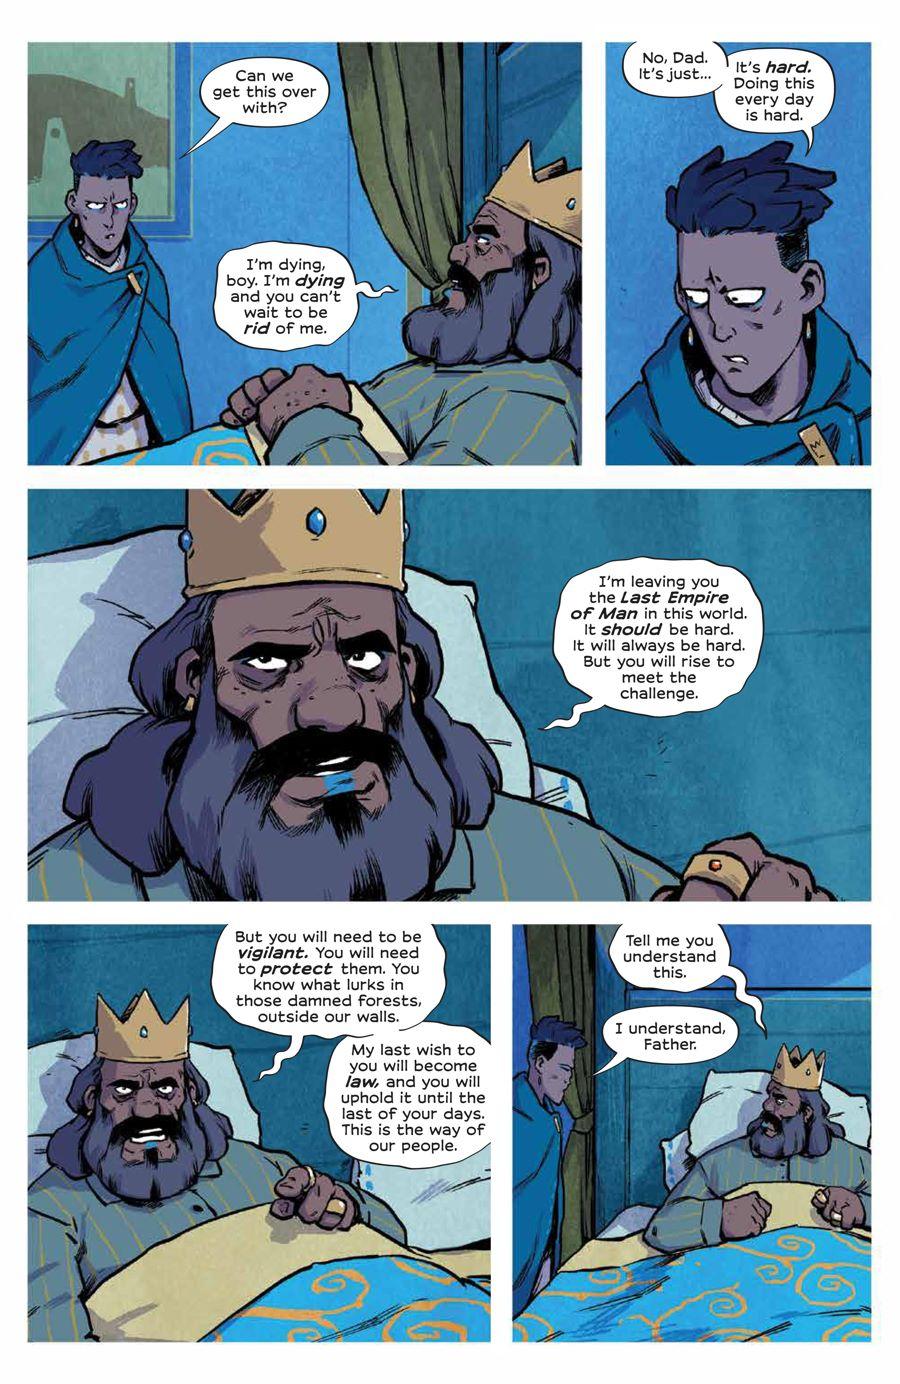 Wynd_002_PRESS_4 ComicList Previews: WYND #2